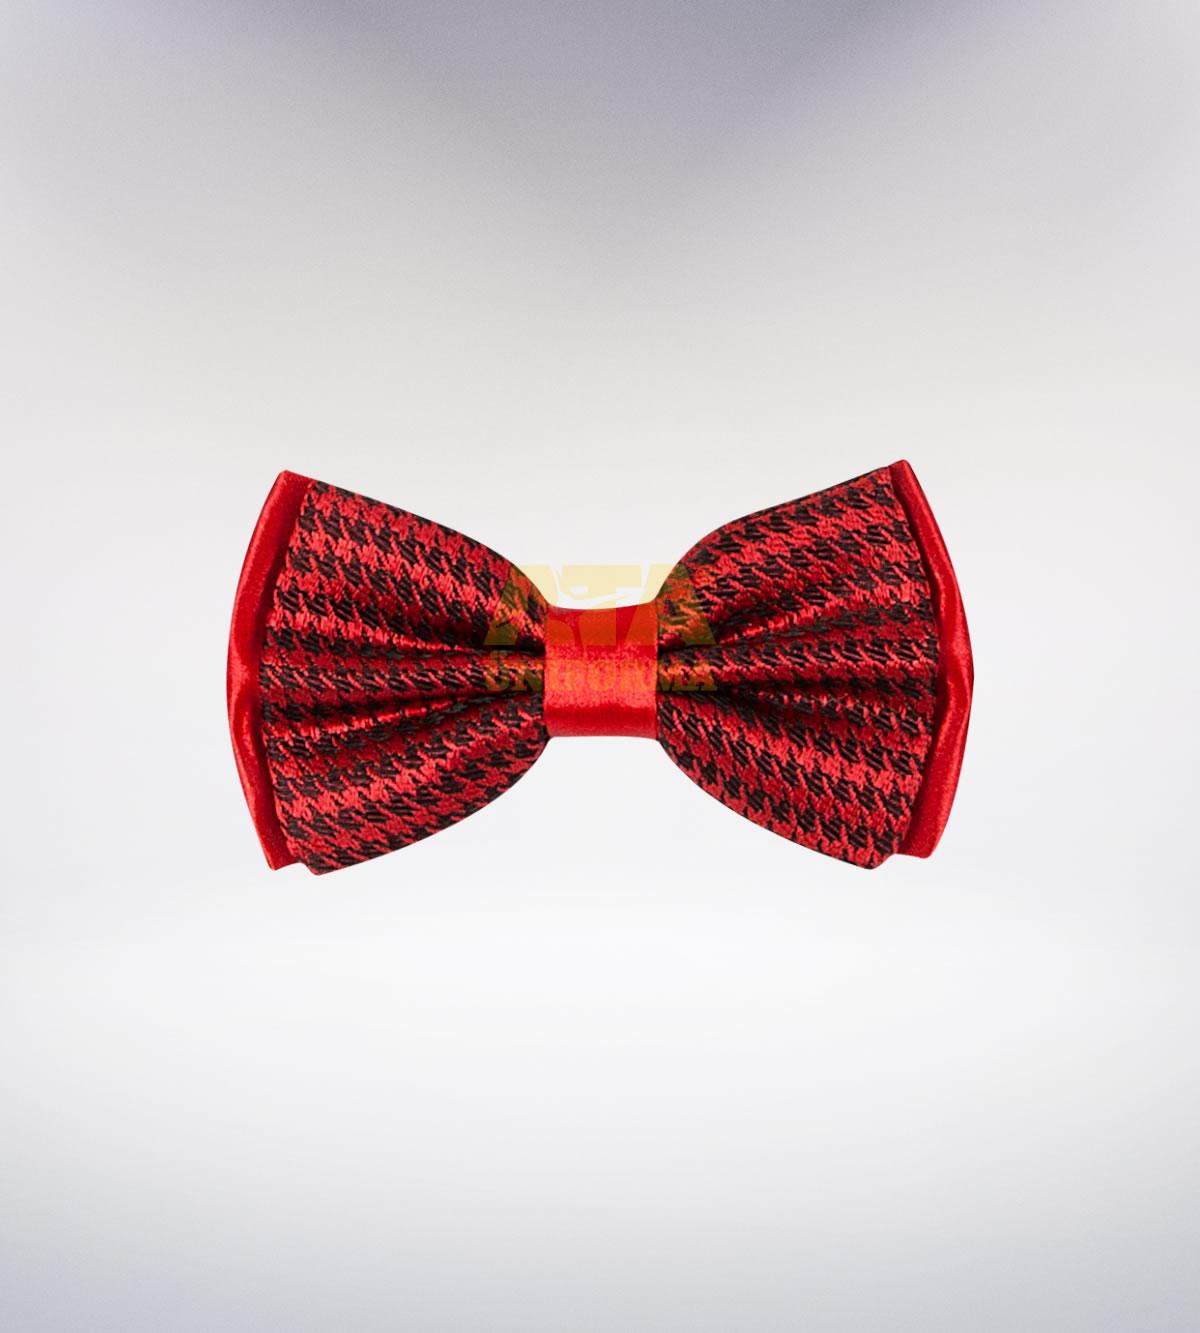 ATA-1073 Kaliteyi kravat kelebek giyim aksesuarları - iş elbiseleri | iş  üniformaları | iş kıyafetleri